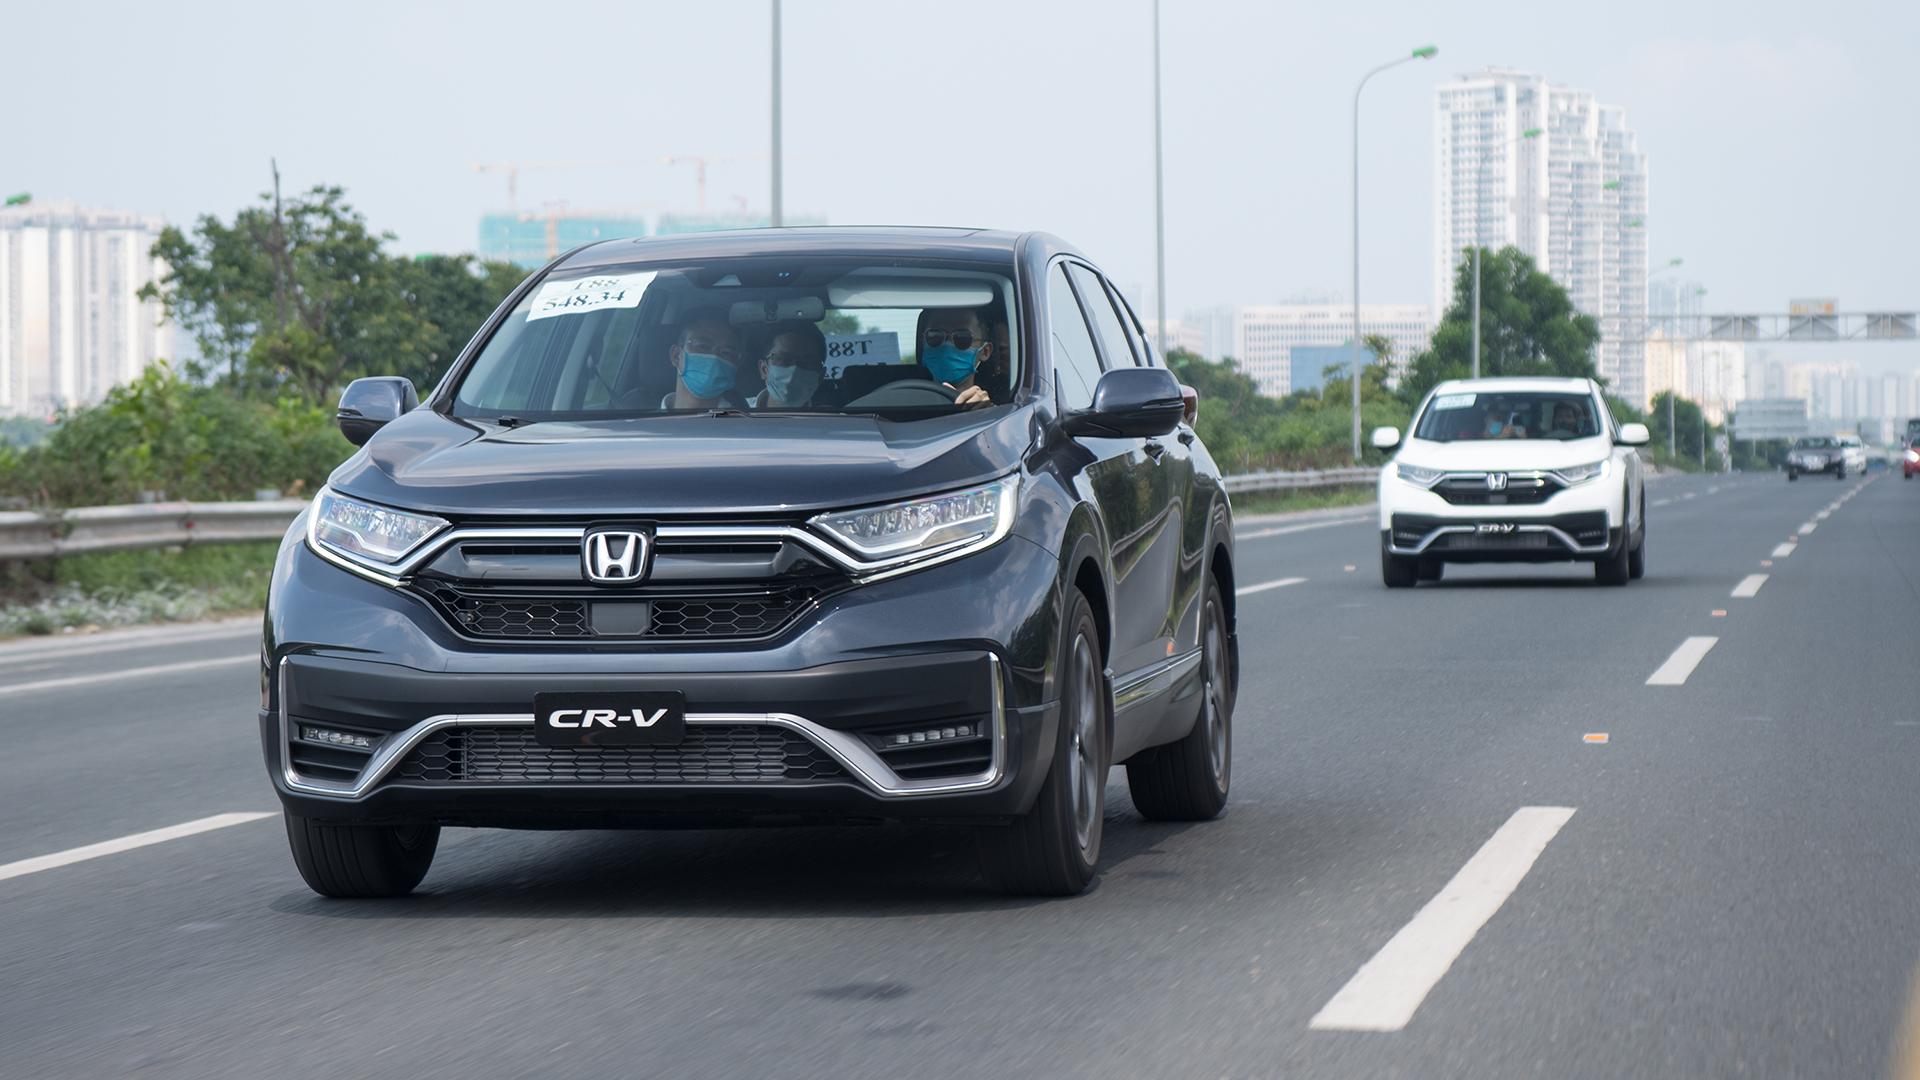 Chi tiết GIÁ LĂN BÁNH 3 phiên bản Honda CR-V 2020 - Cao nhất 1,2 tỷ đồng